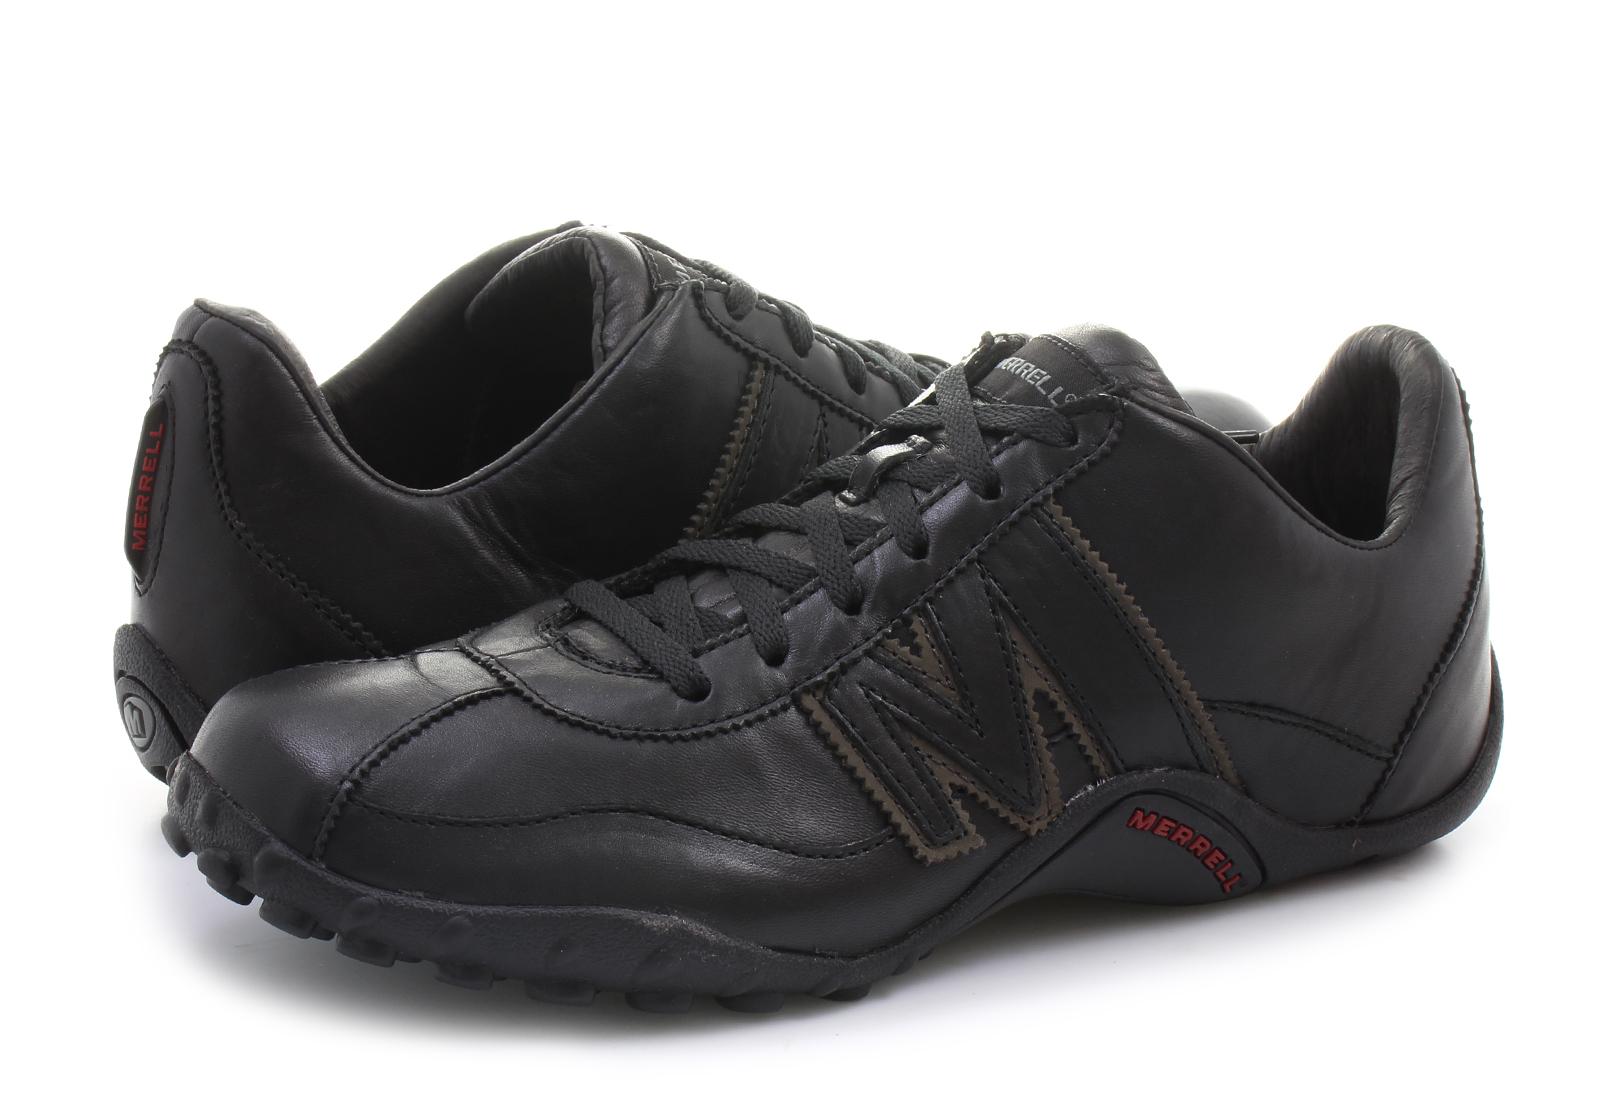 scarpe merrell j39149.jpg